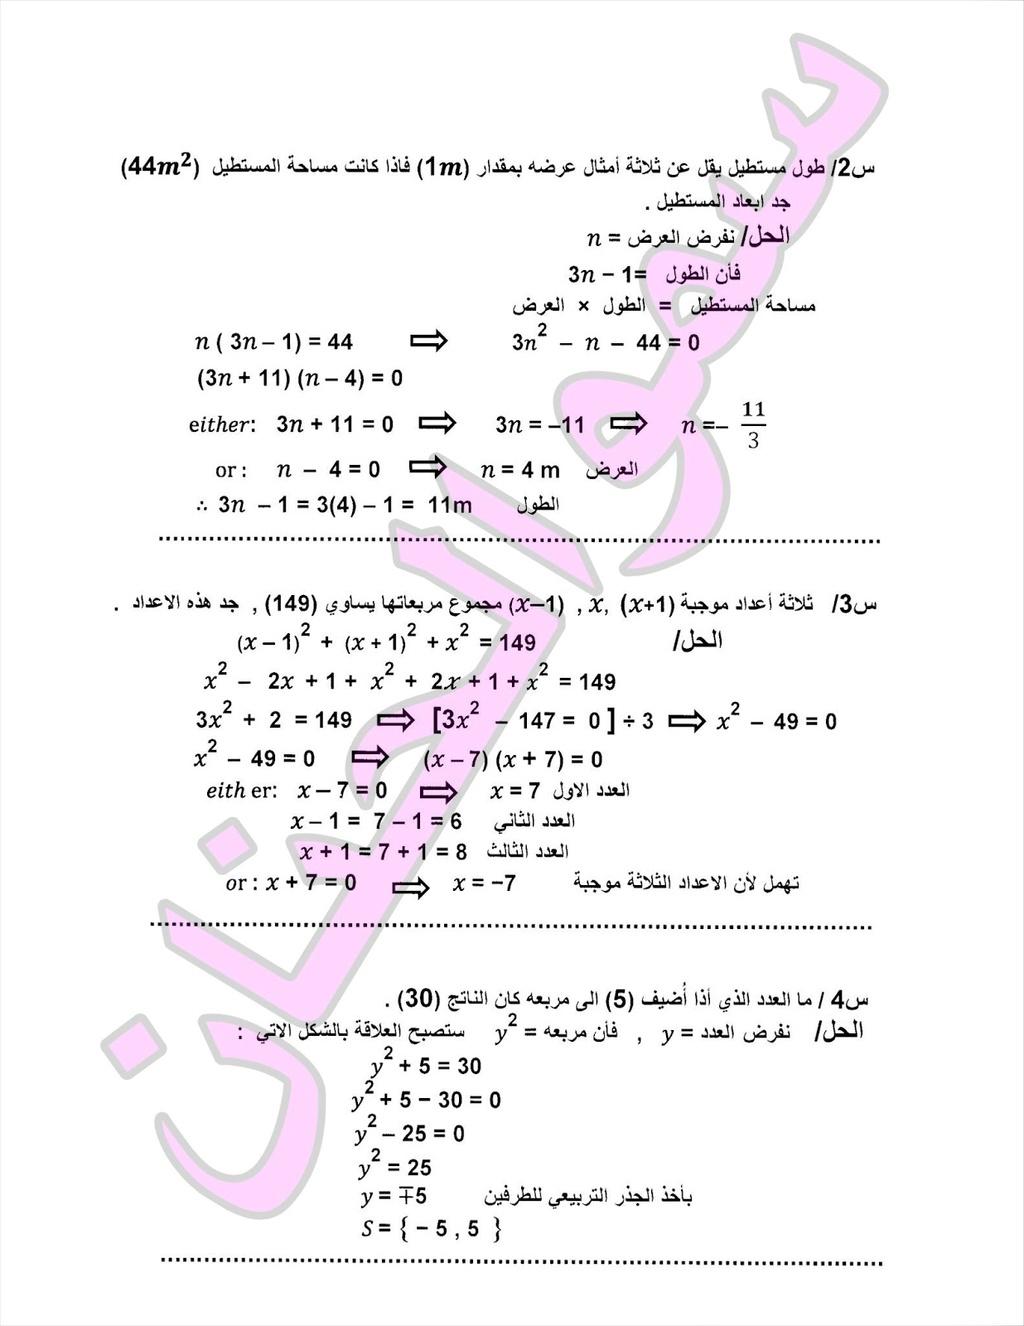 المراجعة المركزة وملخص لمادة الرياضيات للصف الثالث المتوسط 2017 | الجزء 2 1510